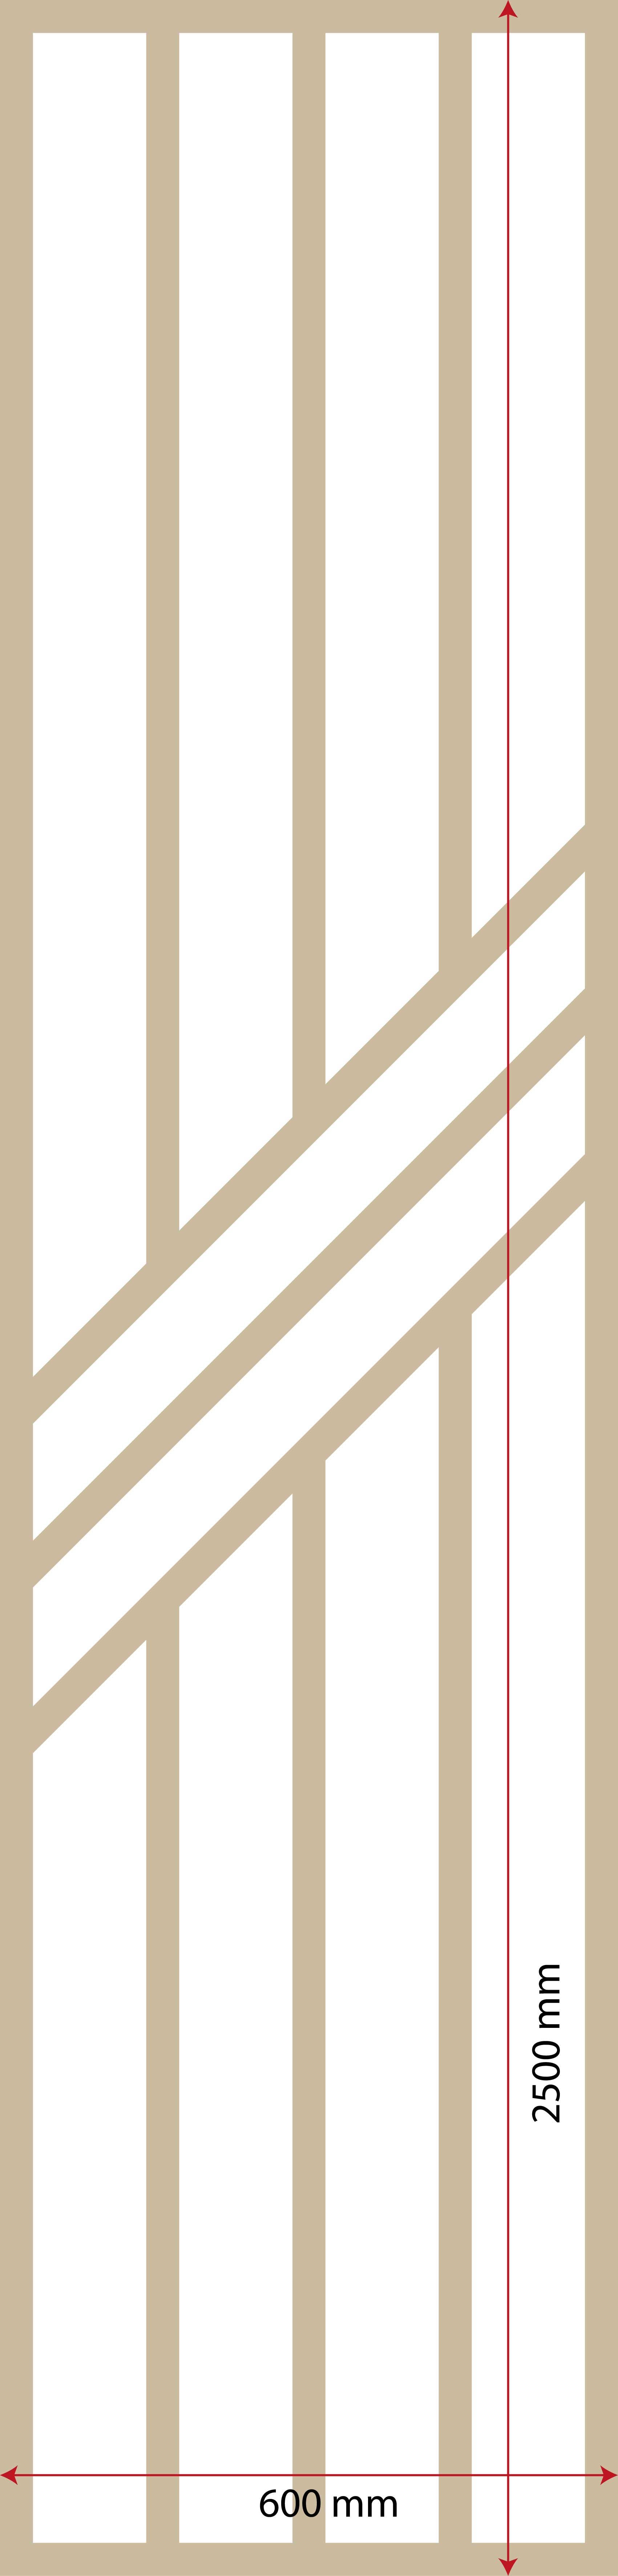 Exemple d'un claustra en 5 lames dimensions 600 millimètres de large par 2500 mm de hauteur